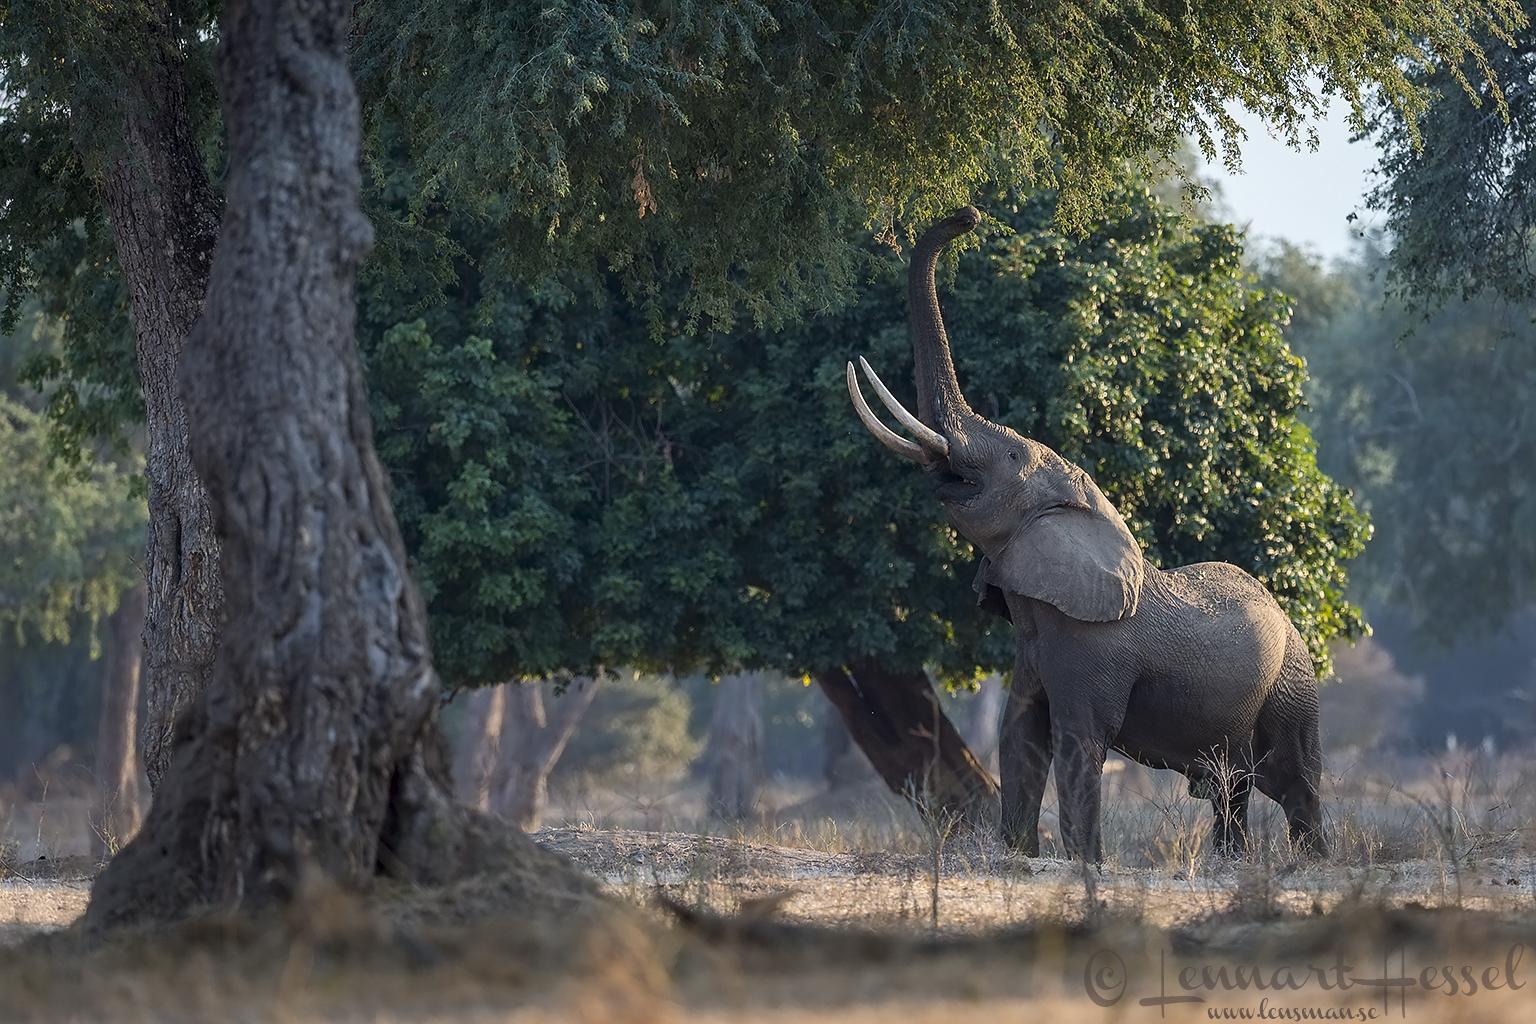 Elephant reaching giants Mana Pools National Park, Zimbabwe